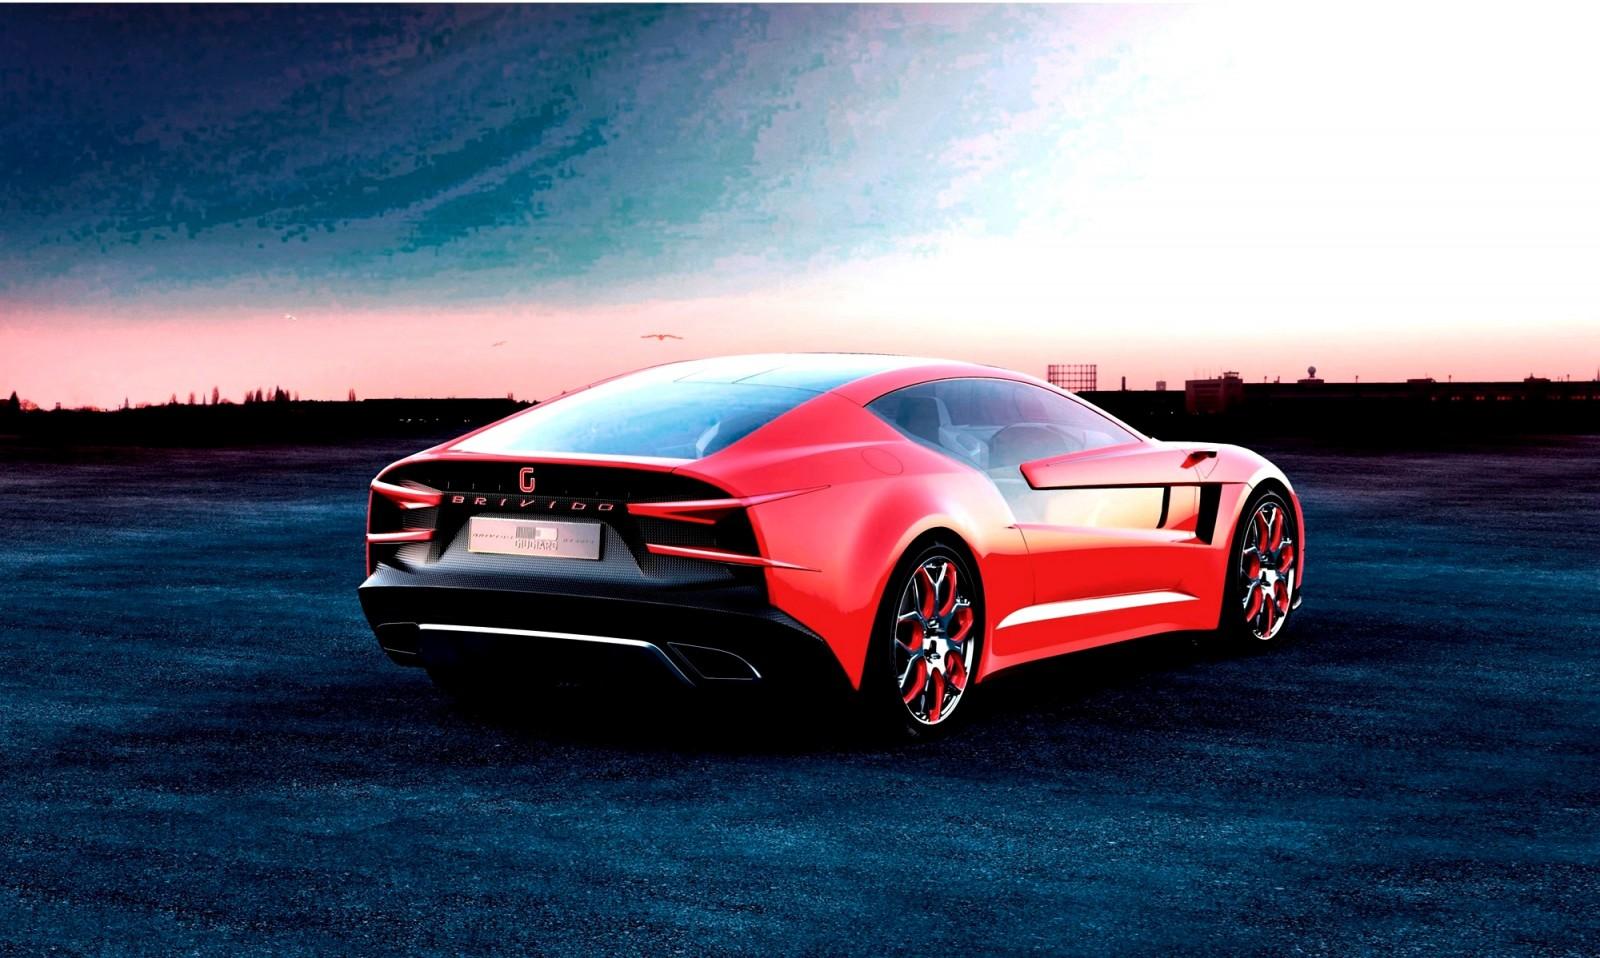 2012 ItalDesign Giugiaro BRIVIDO Concept 31